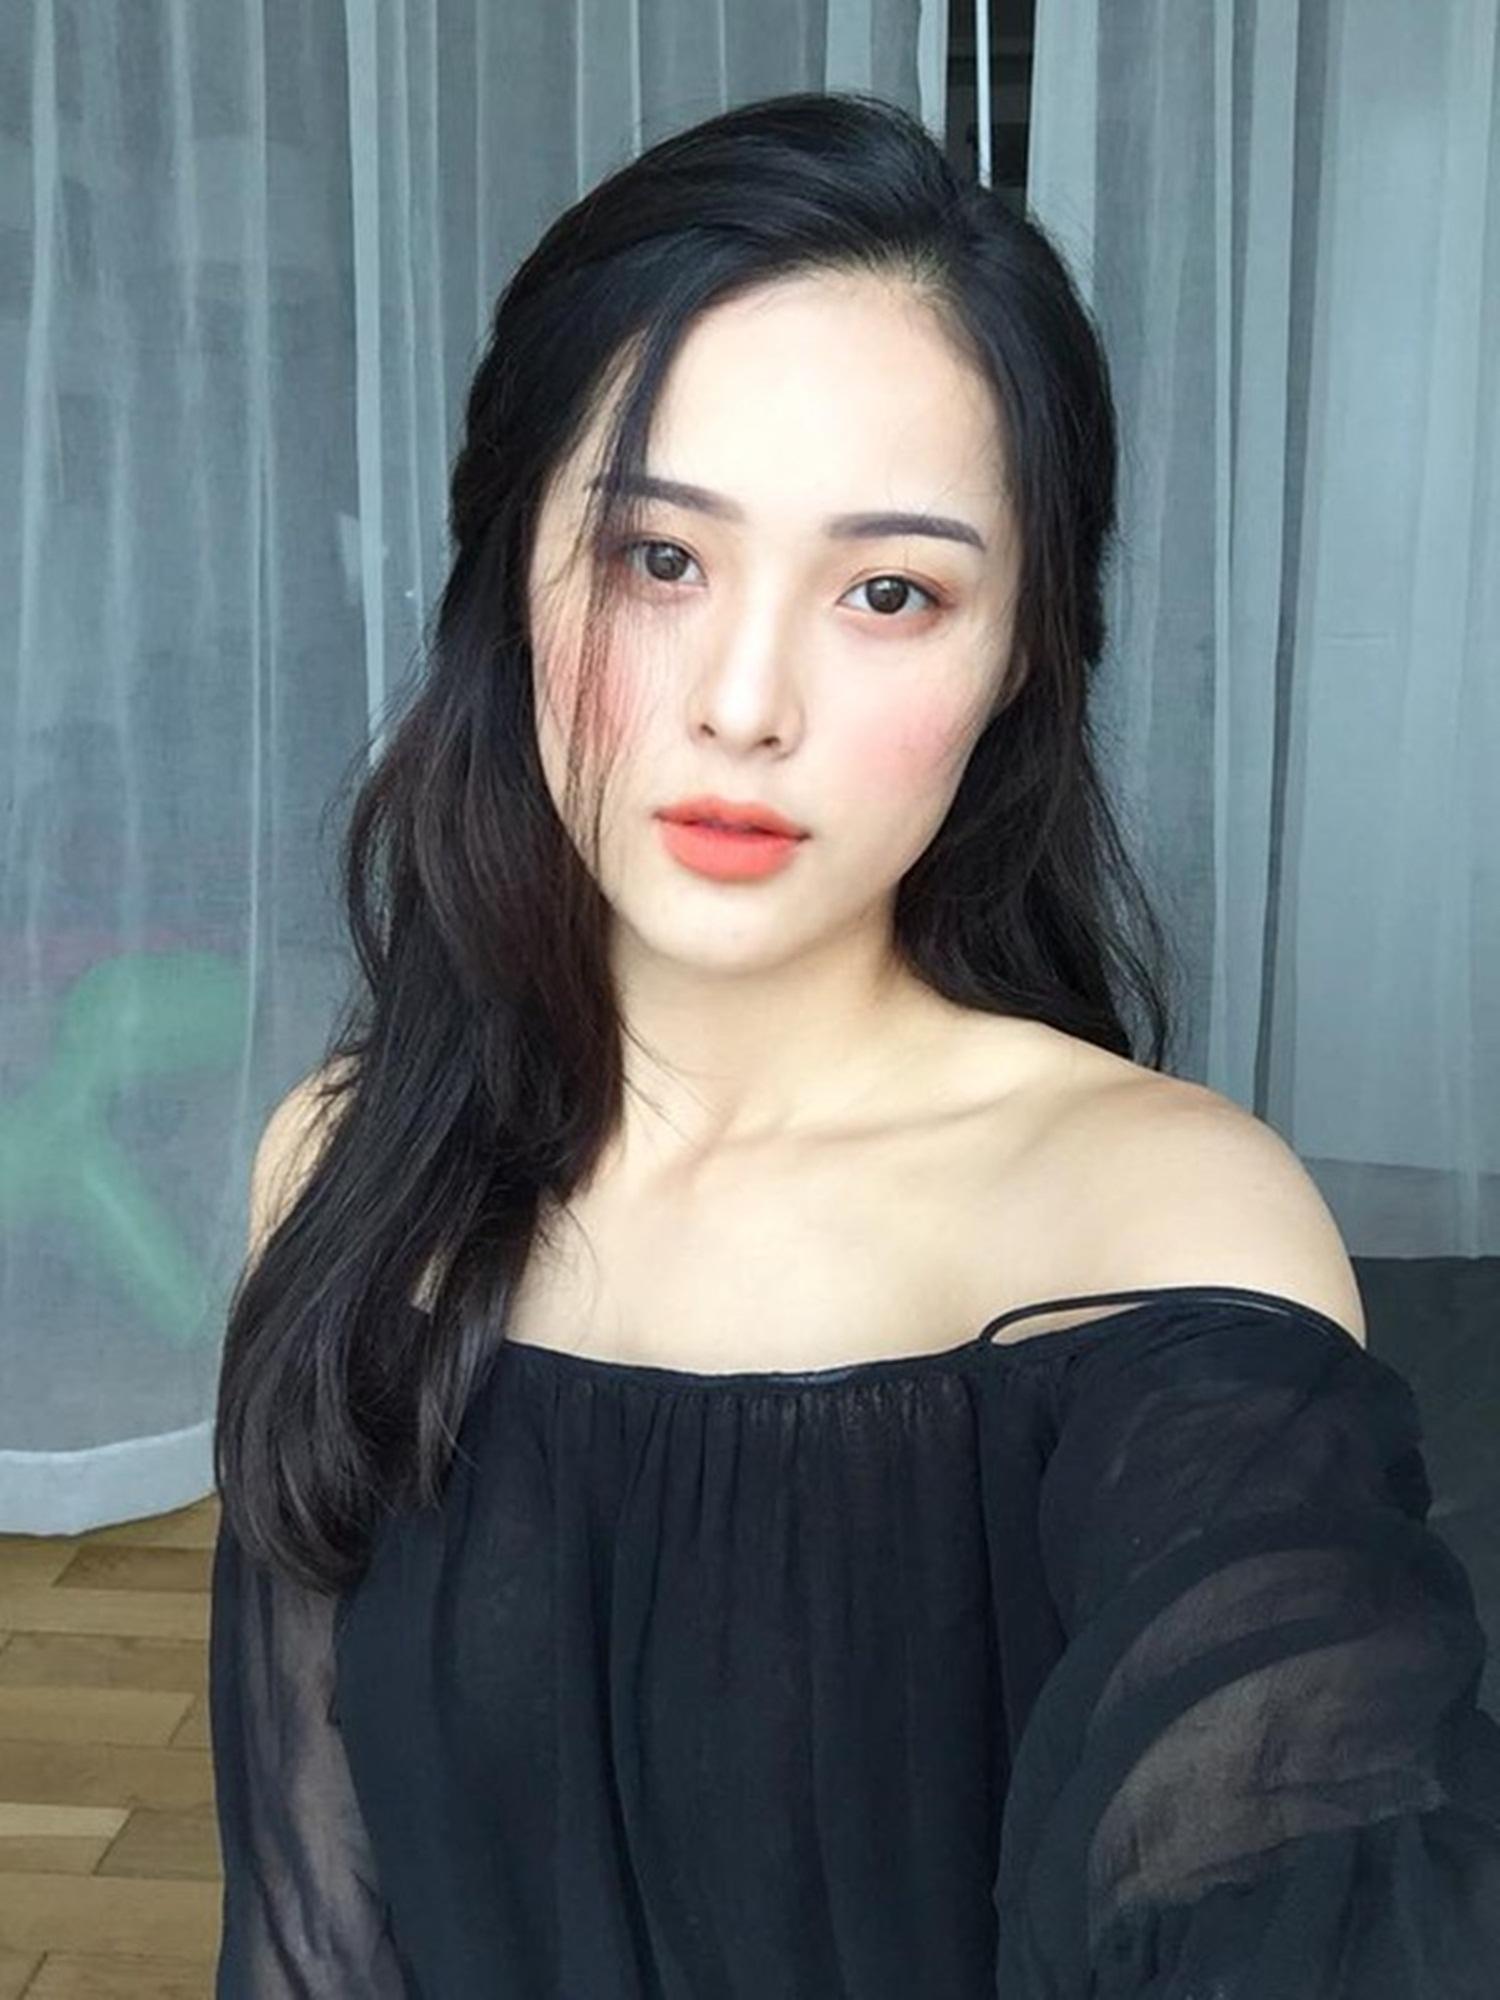 Hạ Vi sinh năm 1993 tại Hải Phòng. Hạ Vi từng đoạt giải Hoa học trò Icon phong cách 2010 và Người đẹp tài năng Hoa hậu ảnh tạp chí Thế giới Phụ nữ.